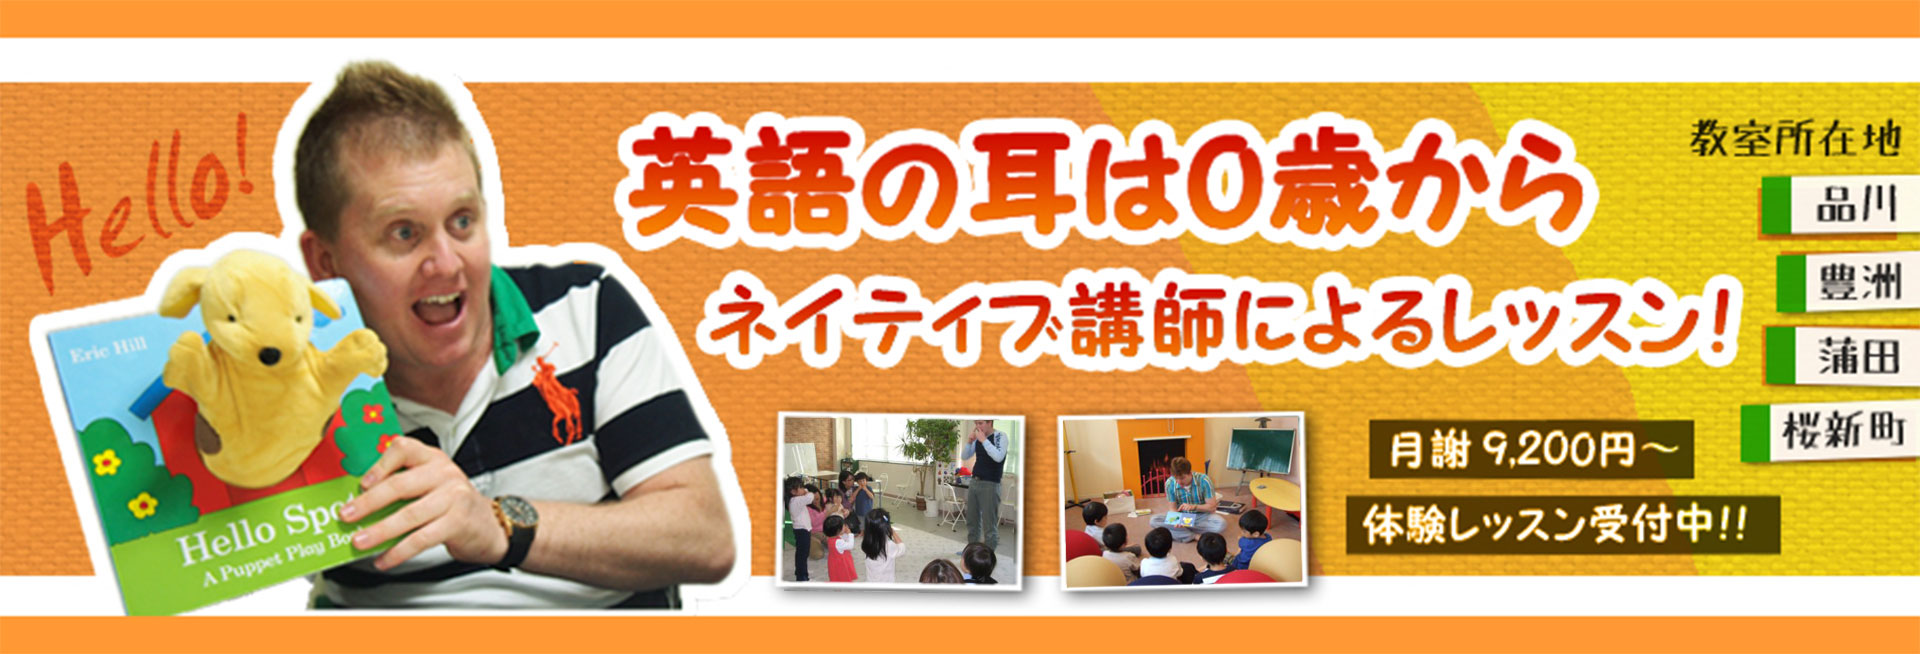 港区の子供英会話教室【TESS子供英会話教室】